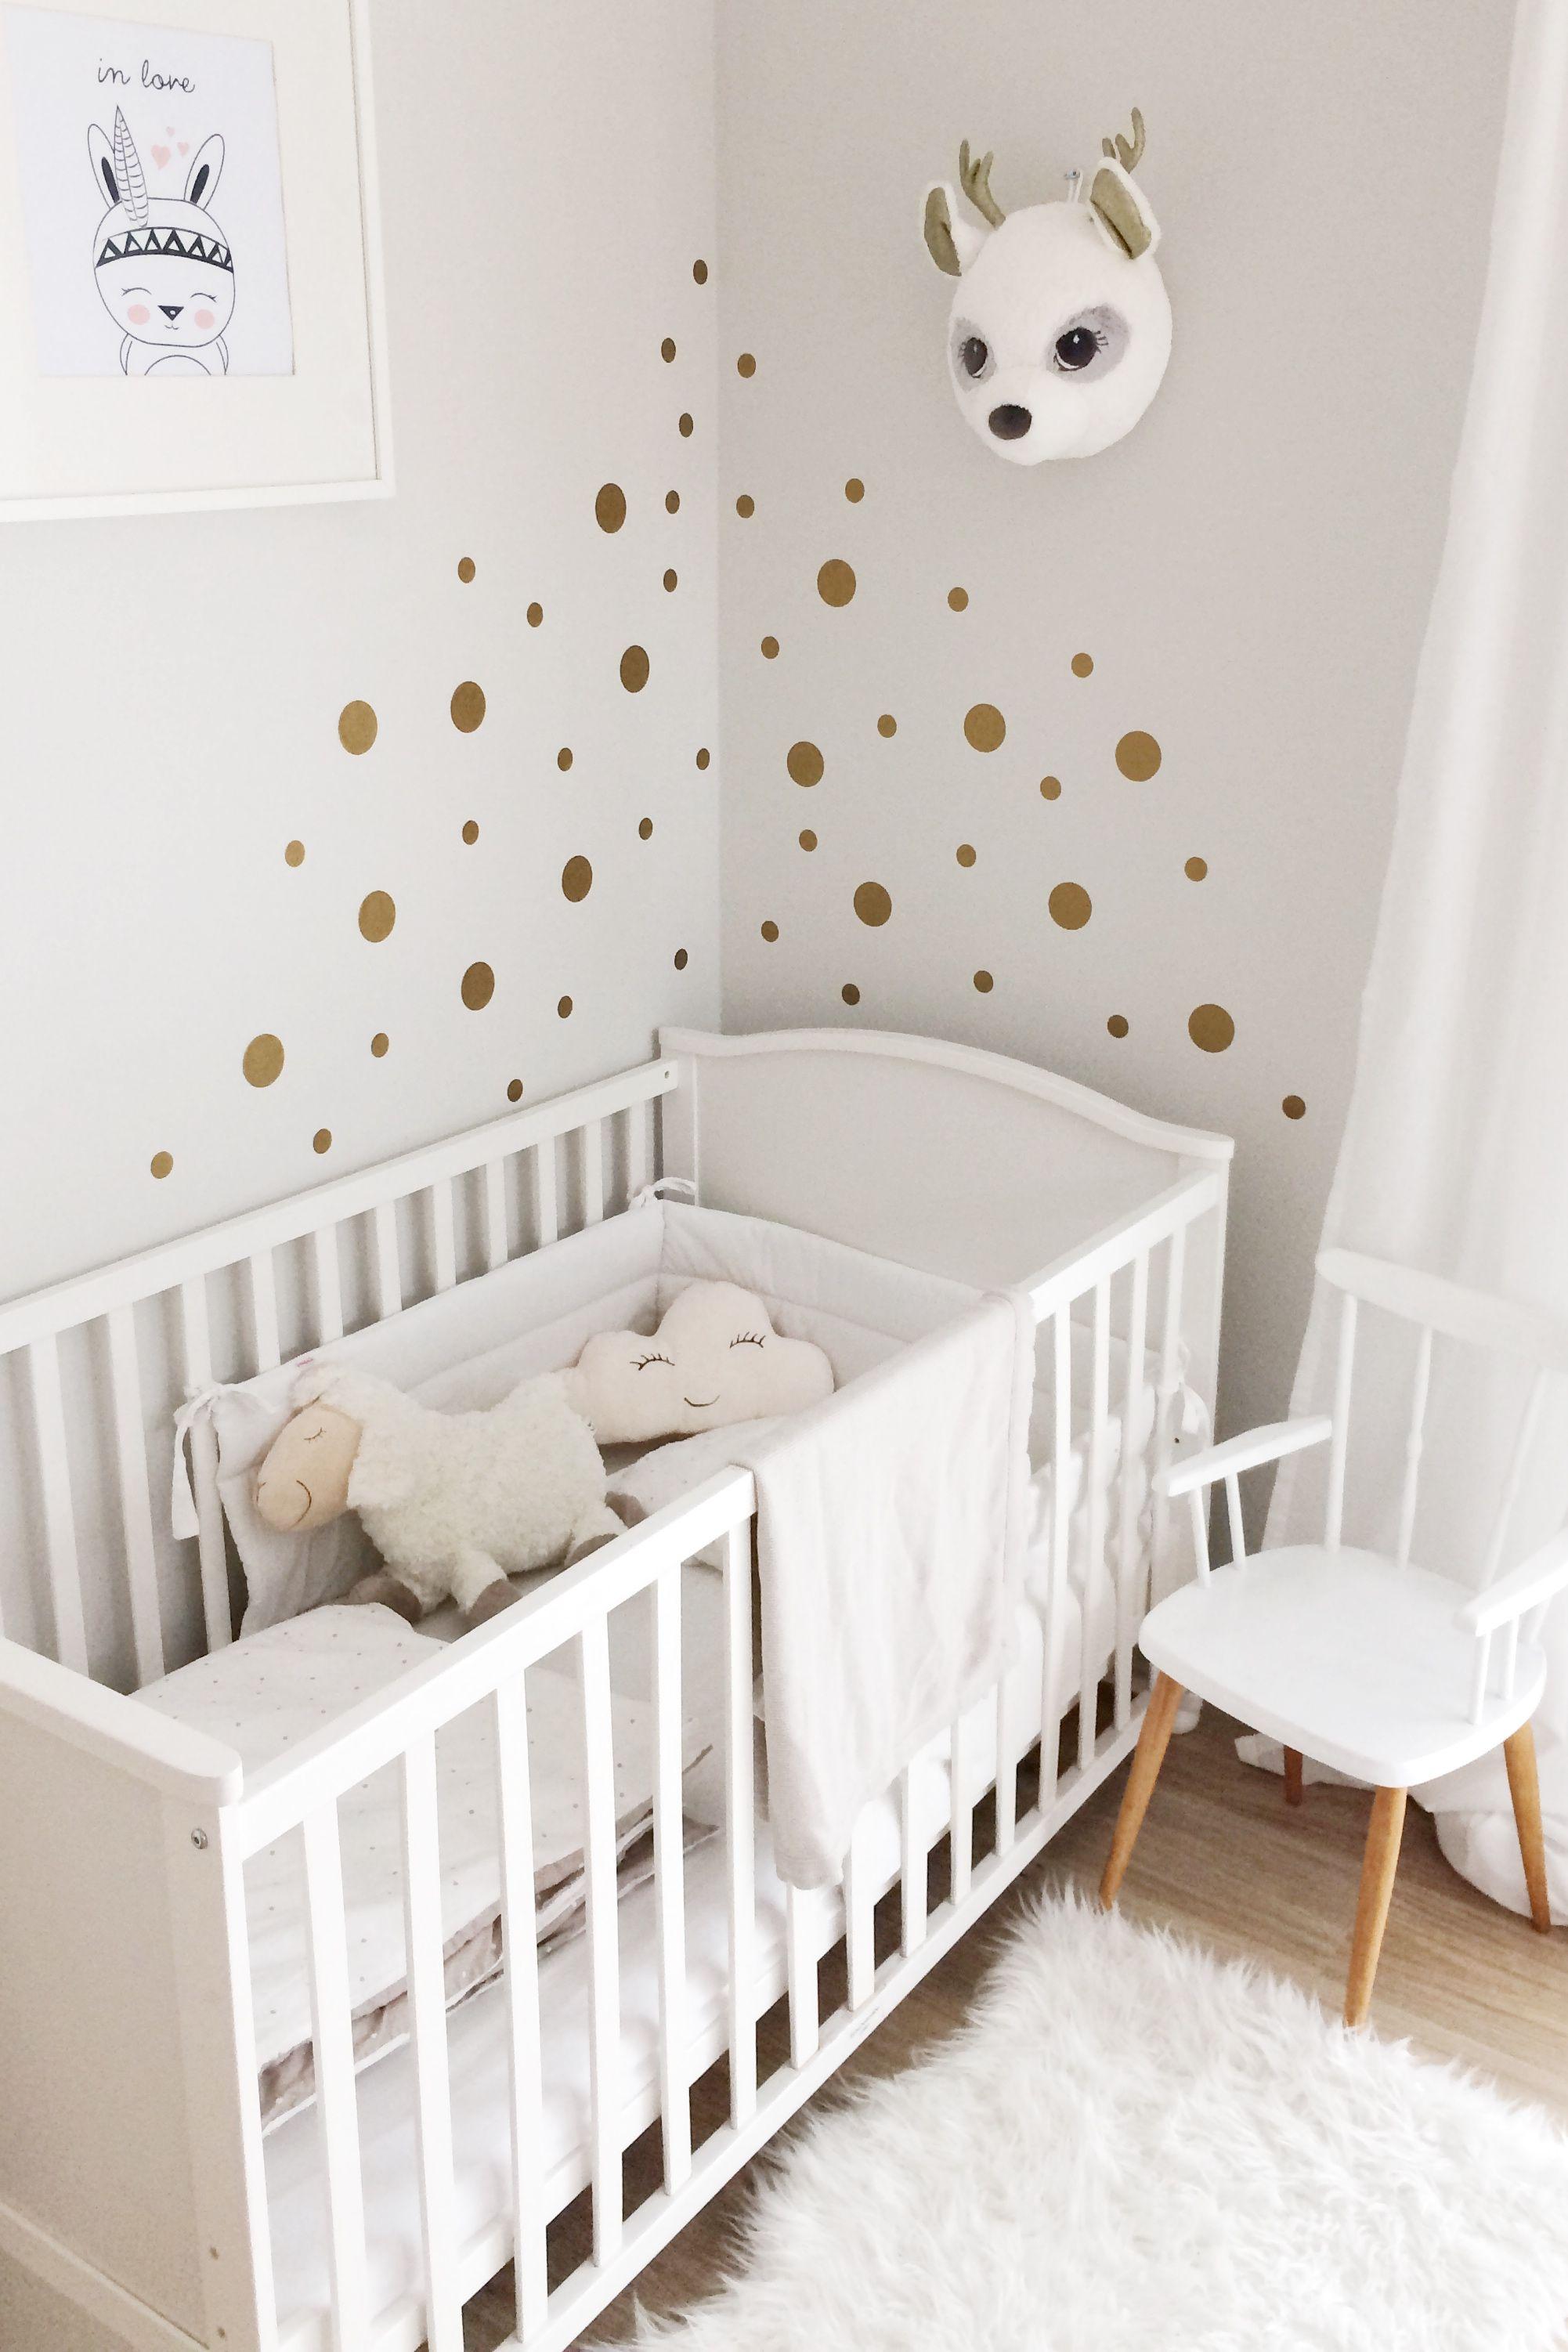 Traumzeit- Mädchen Kinderzimmer in Pastell für kuscheligen Schlaf ...